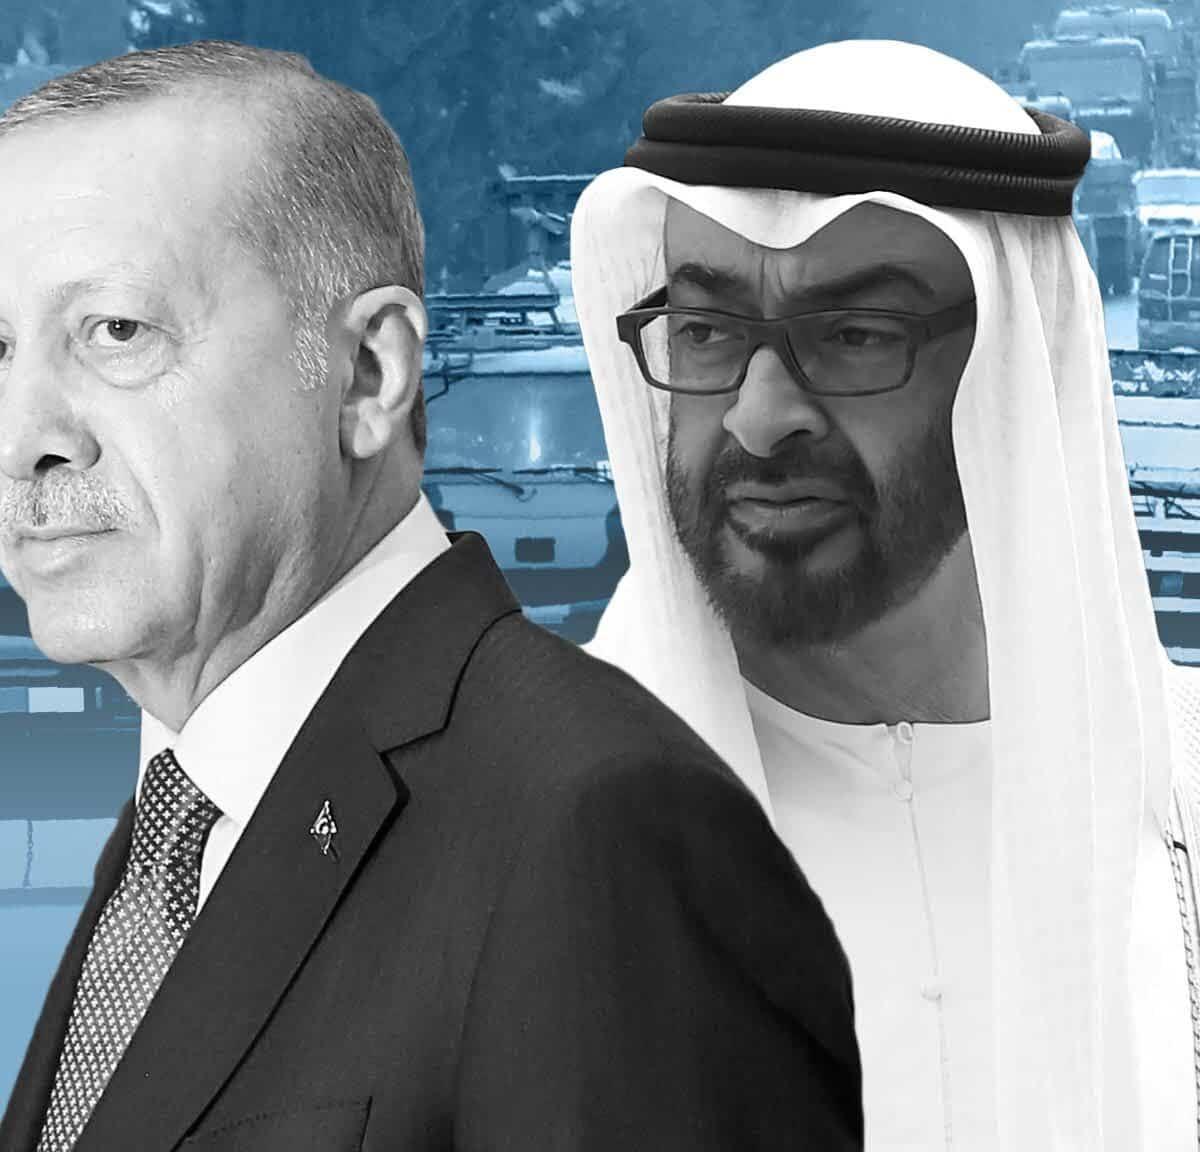 مستشار محمد بن زايد يضع 7 شروط للصلح مع أردوغان